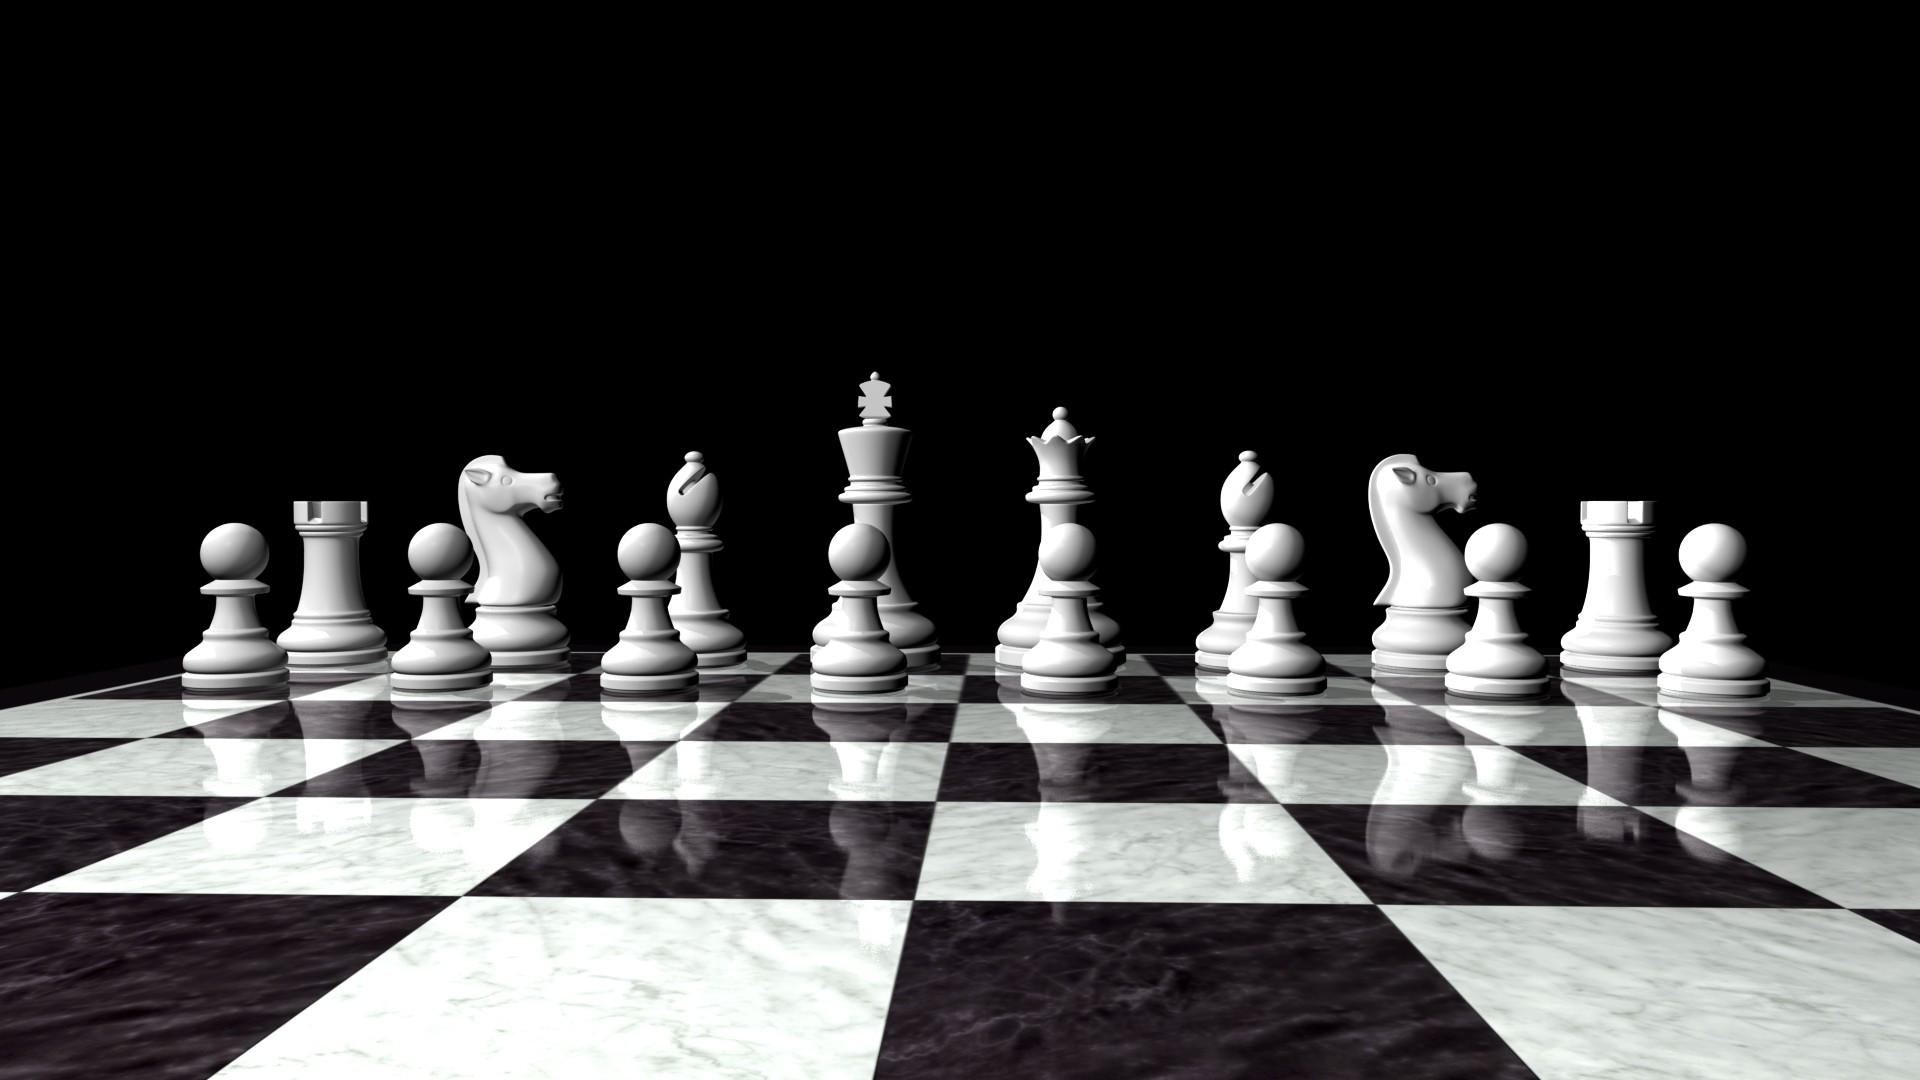 2560x1600 Chess Wallpaper 2179